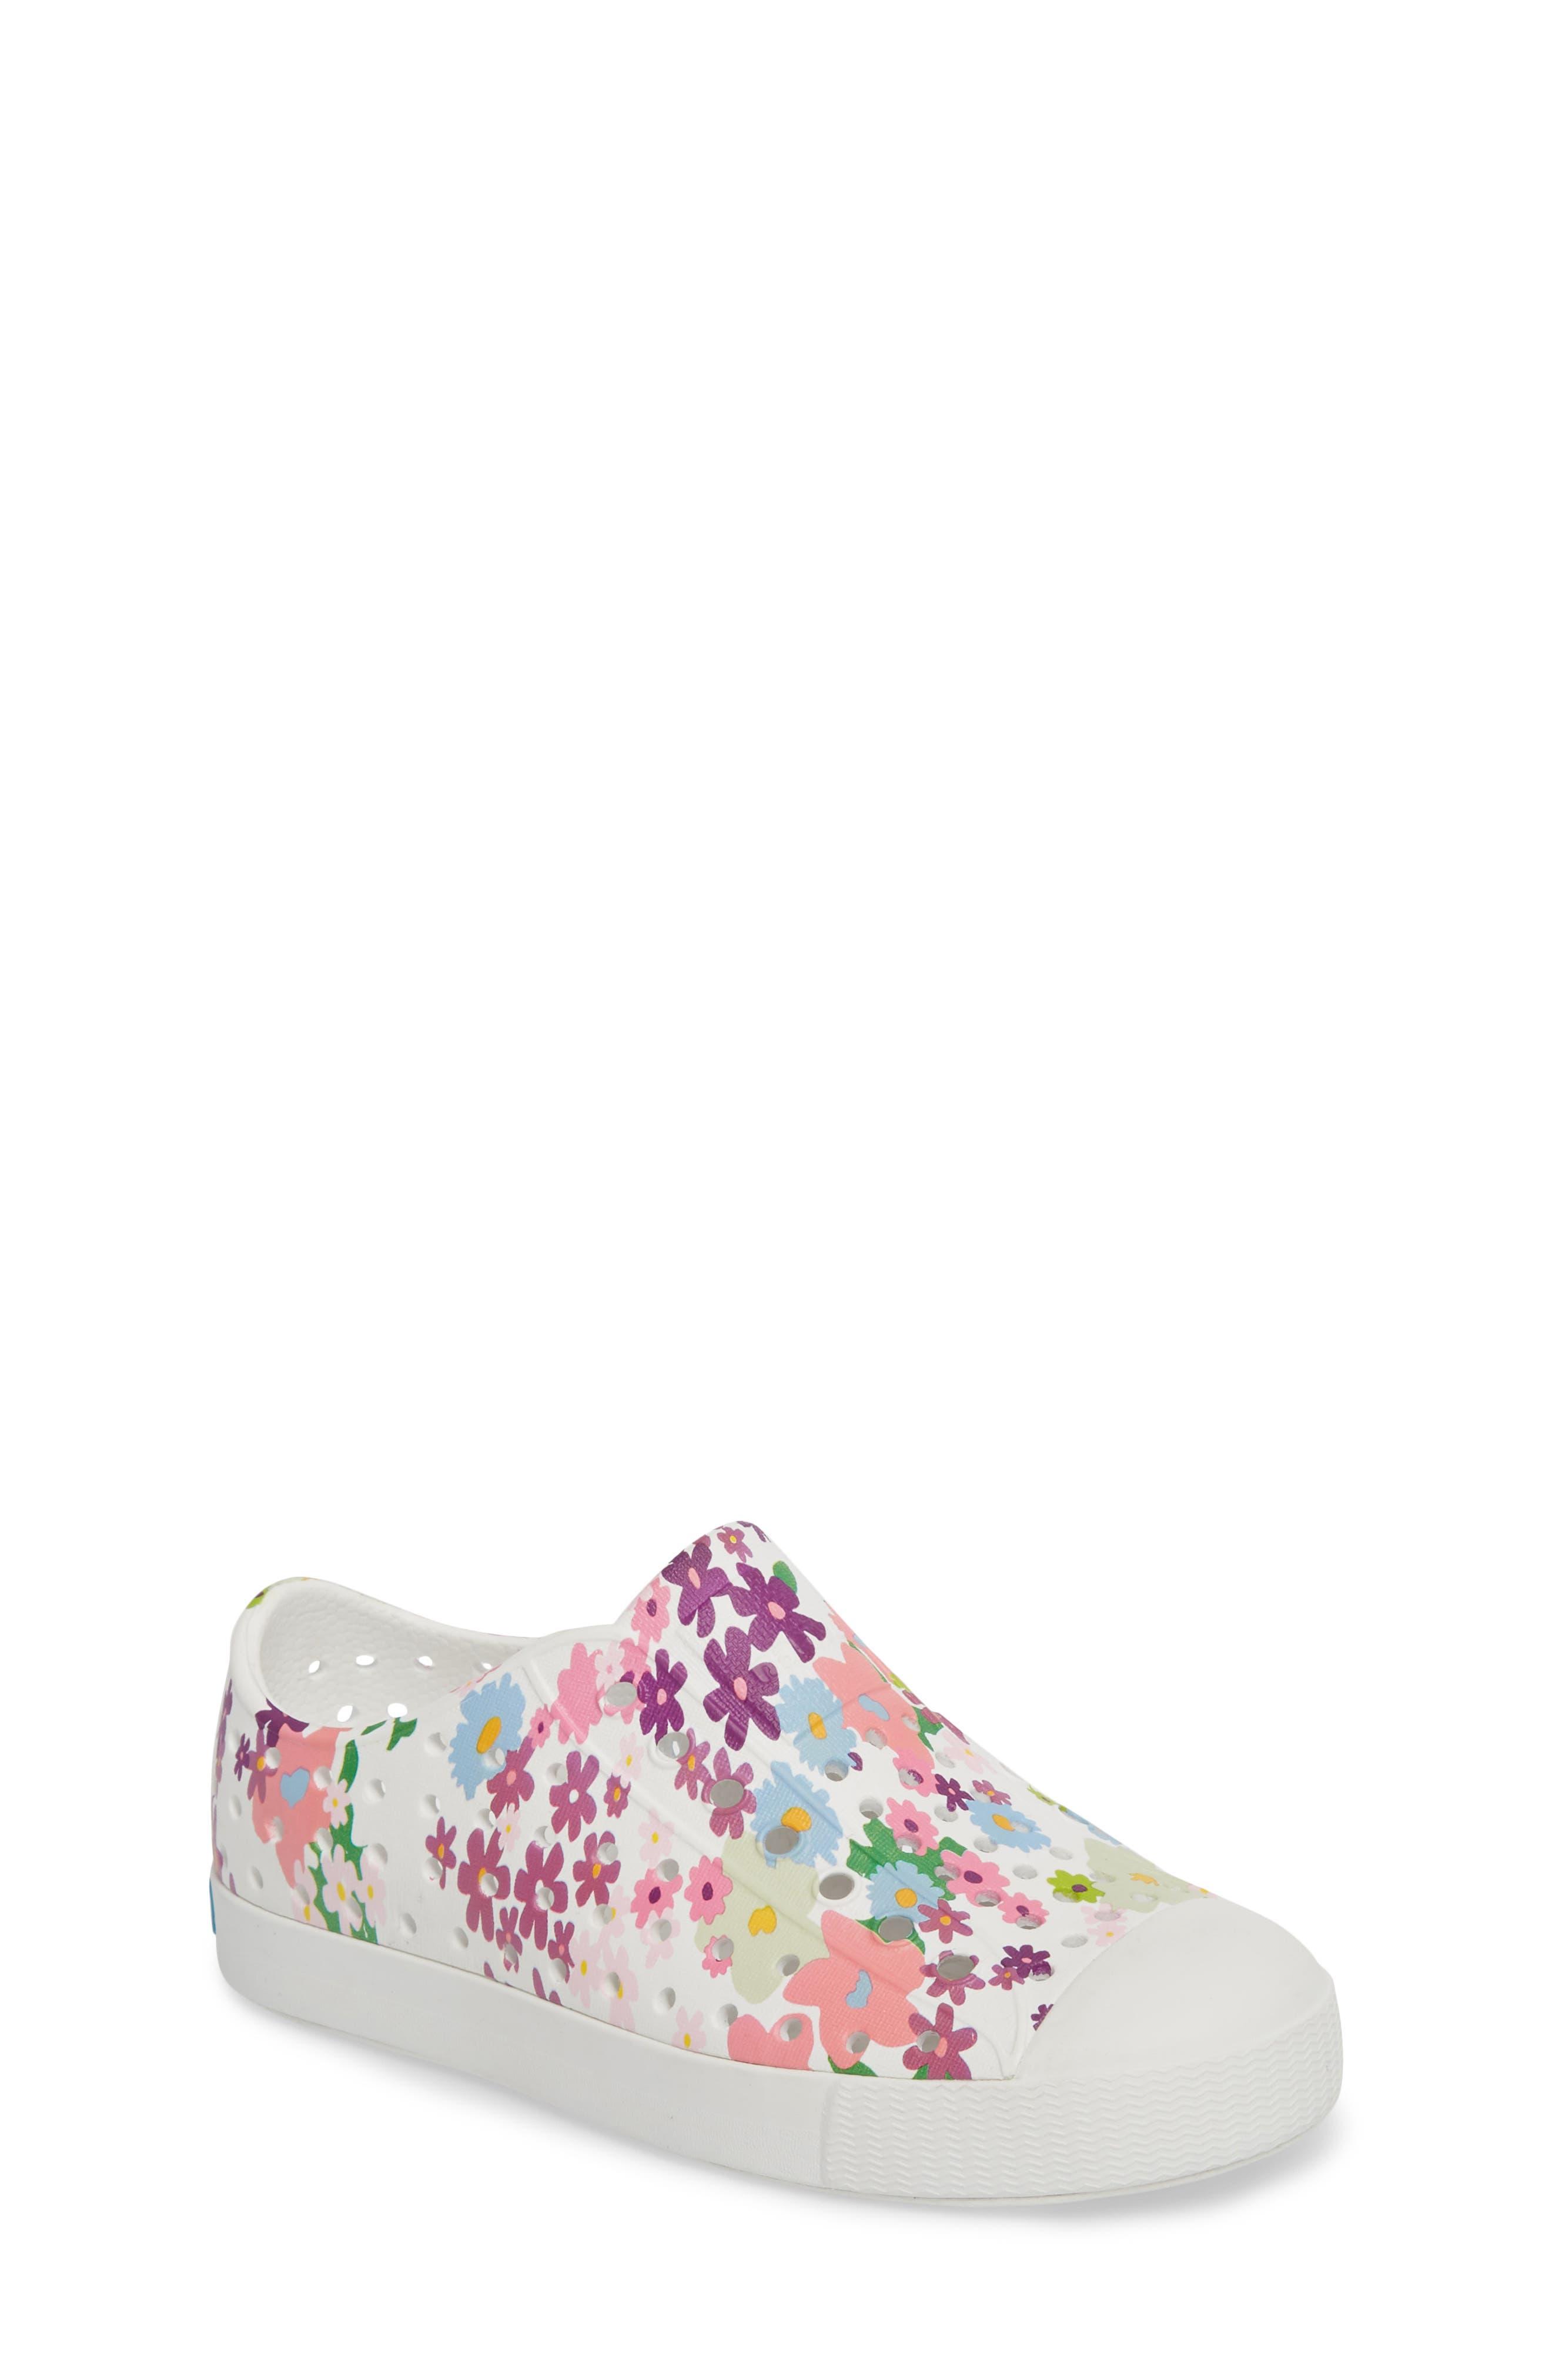 Jefferson Quartz Slip-On Vegan Sneaker, Main, color, SHELL WHITE/ DAISY PRINT